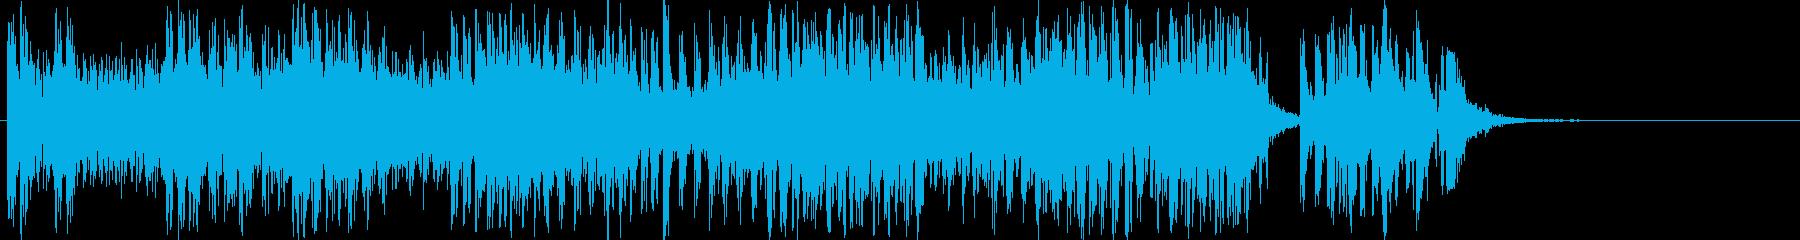 マシンガンアサルト:コンスタントバ...の再生済みの波形